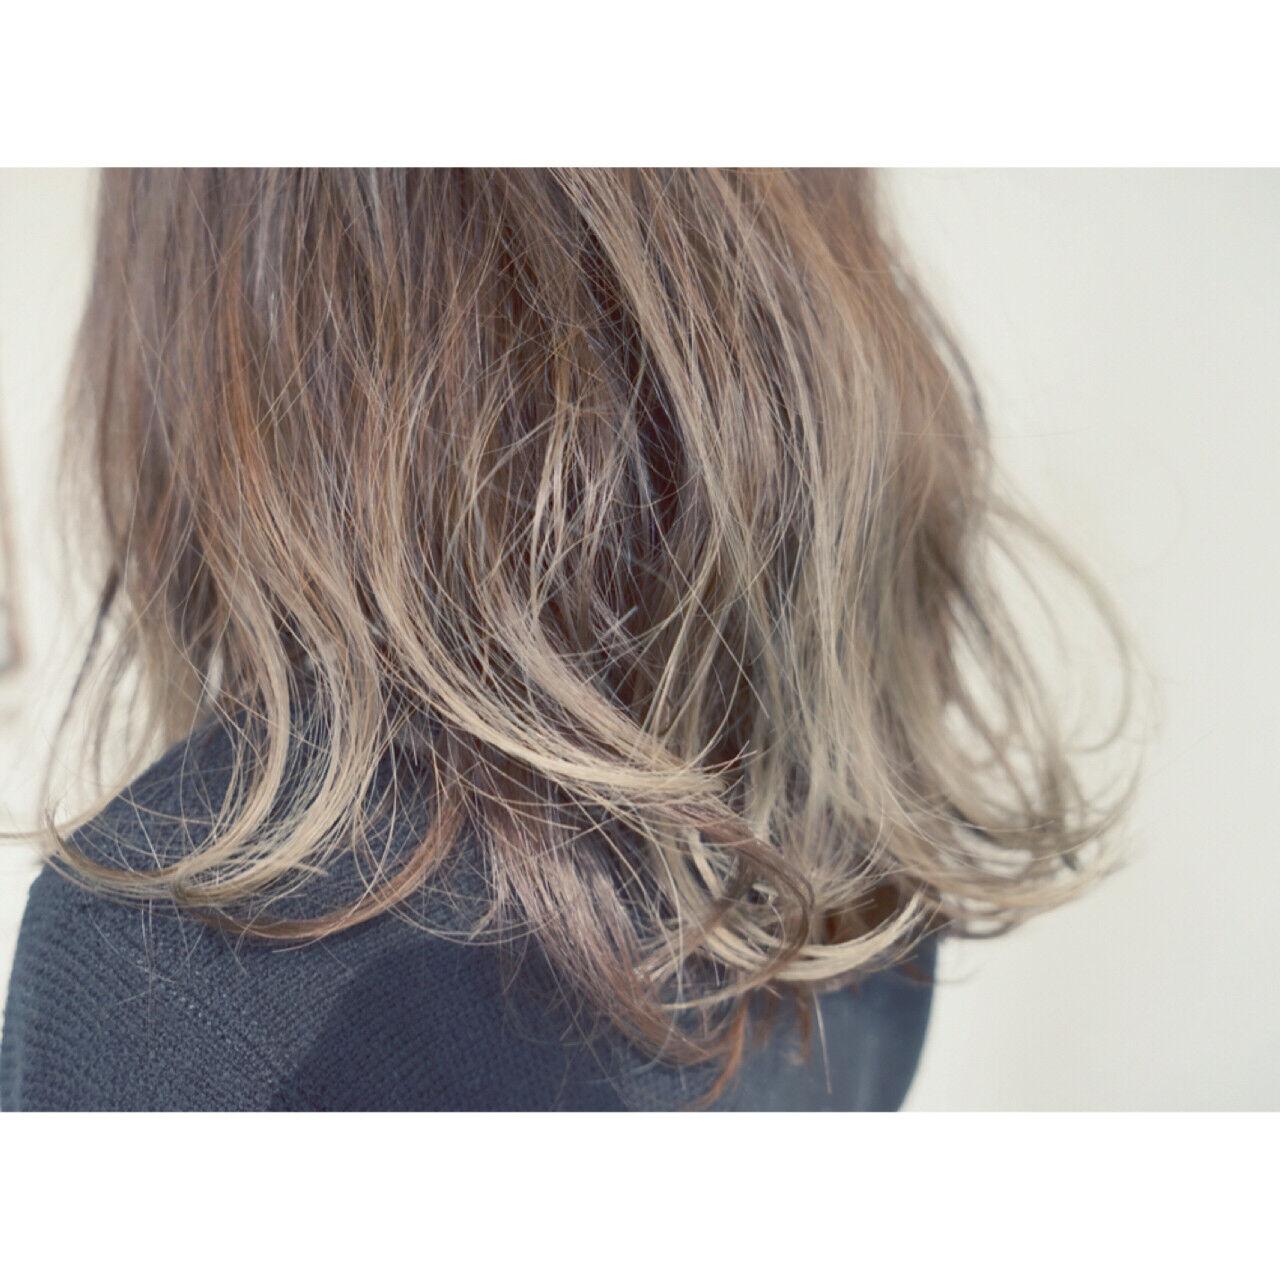 アッシュ 外ハネ セミロング ハイライトヘアスタイルや髪型の写真・画像